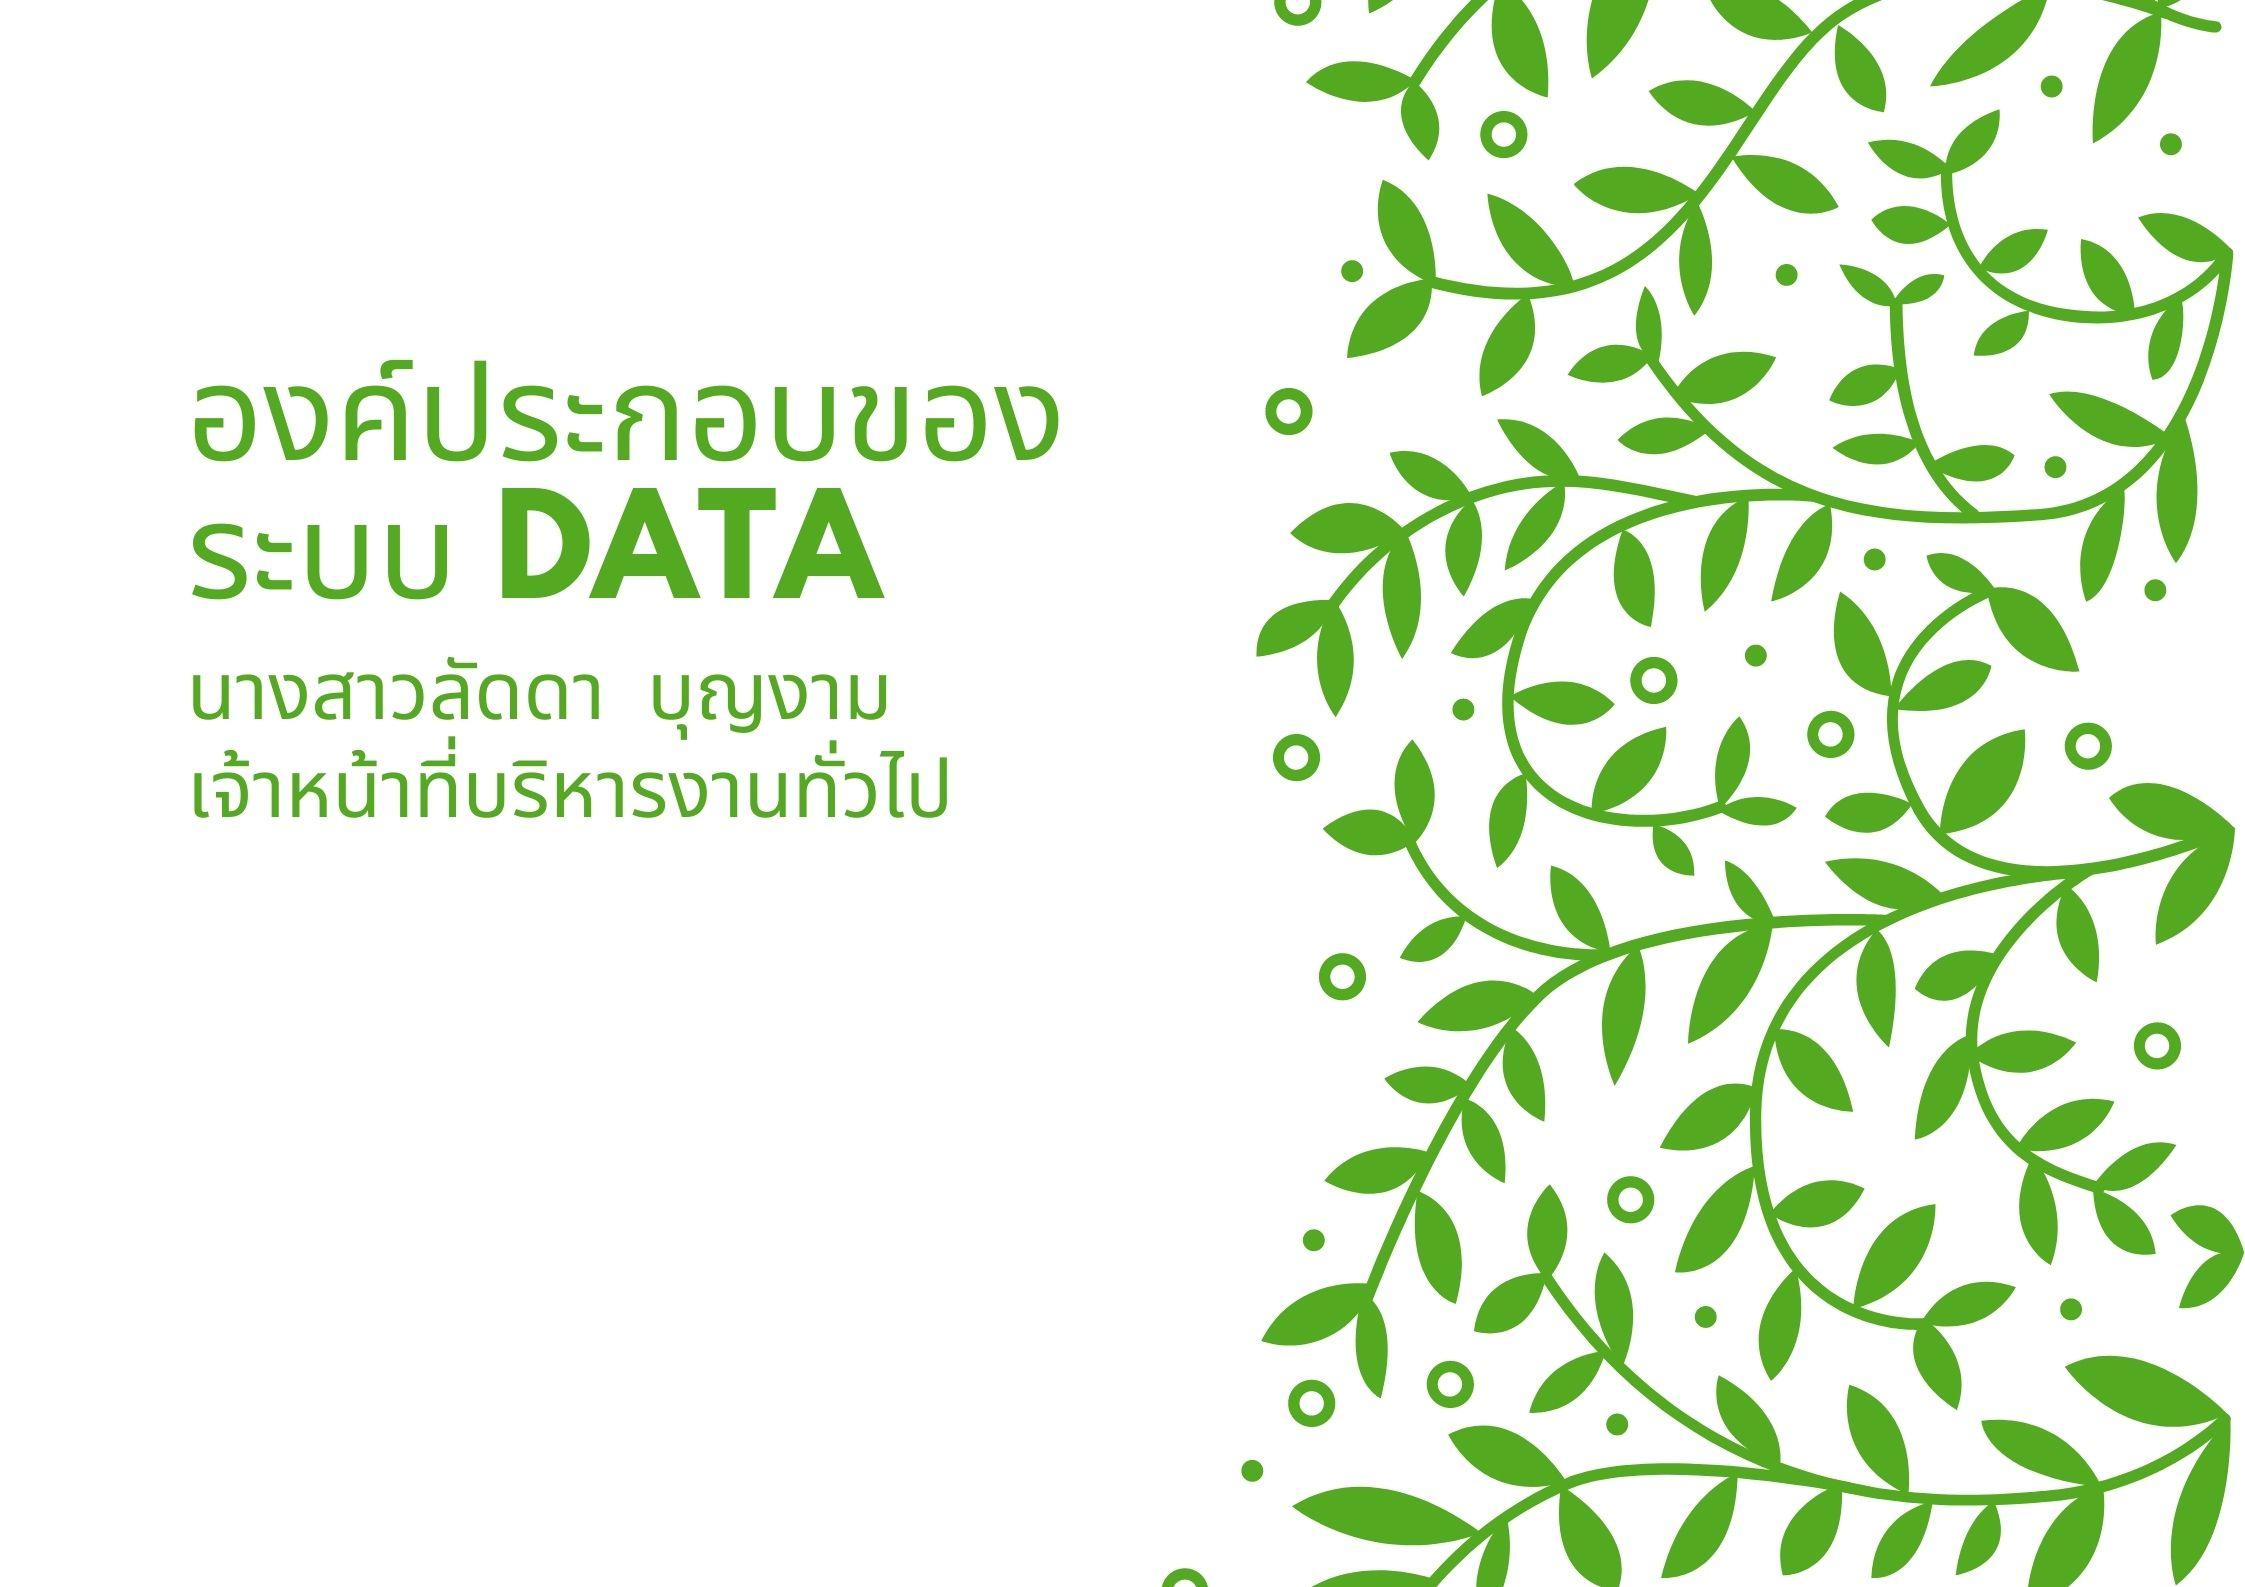 องค์ประกอบของระบบ-DATA